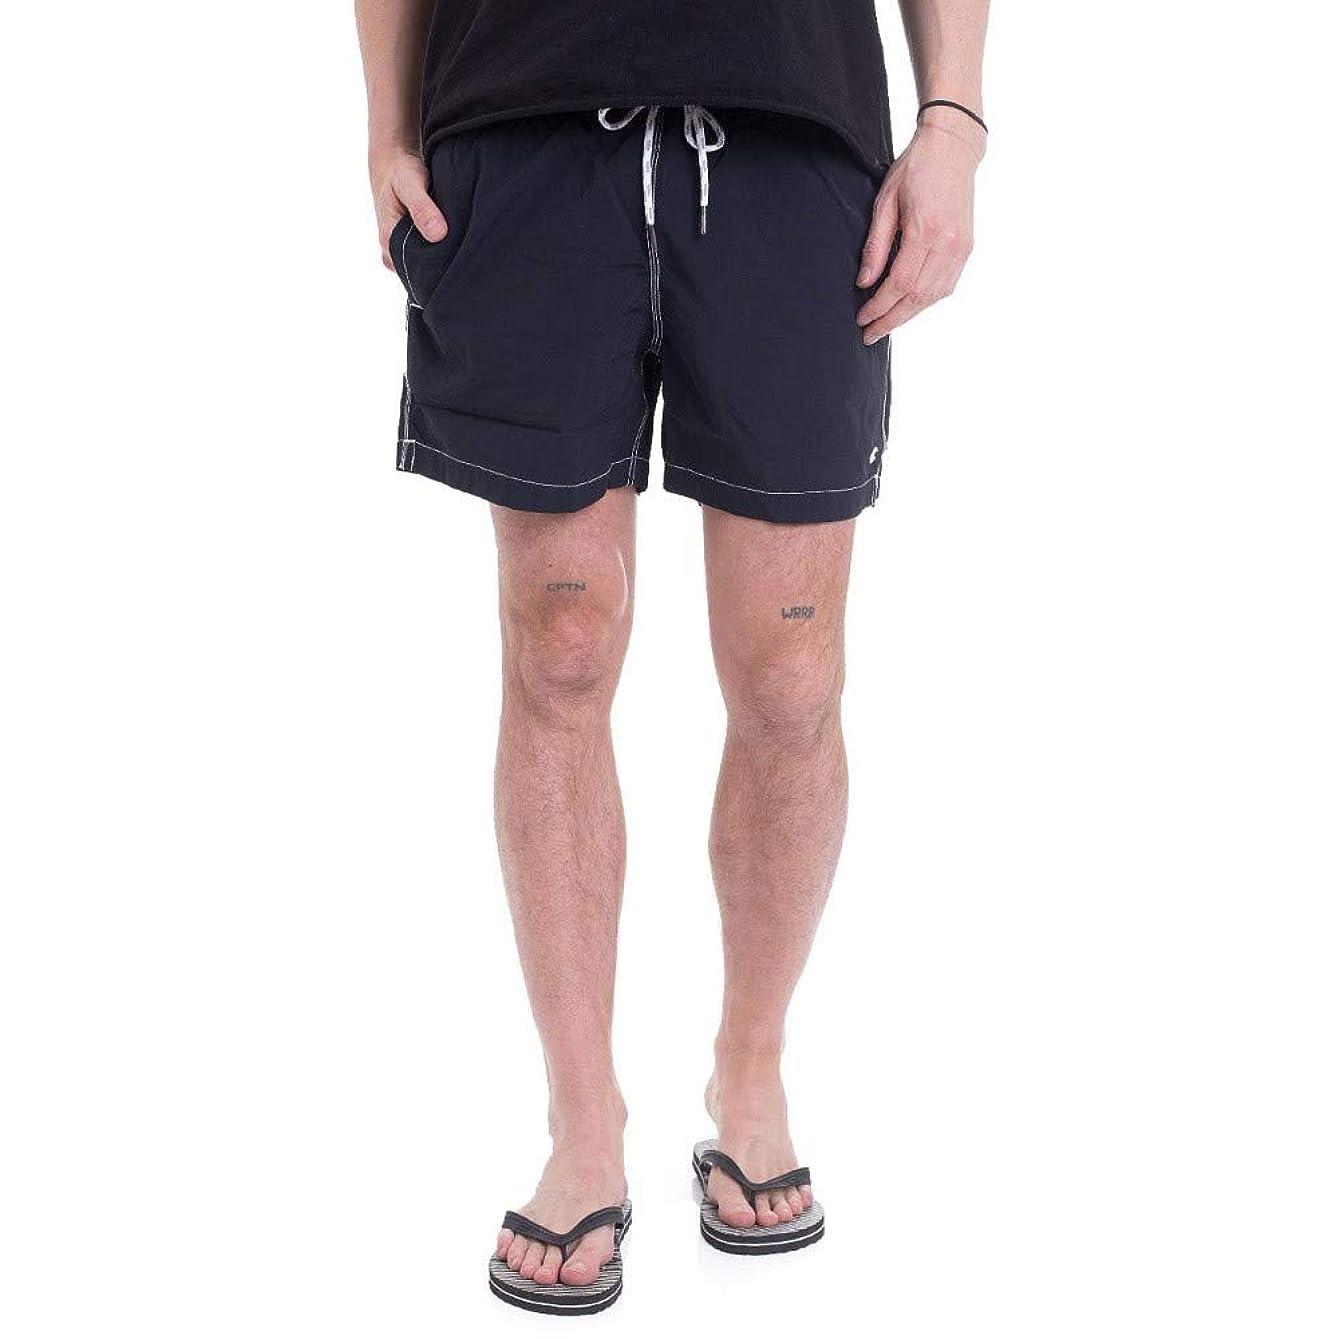 救急車商標ネット(チャンピオン) Champion メンズ 水着?ビーチウェア 海パン Beachshort New Navy Board Shorts [並行輸入品]